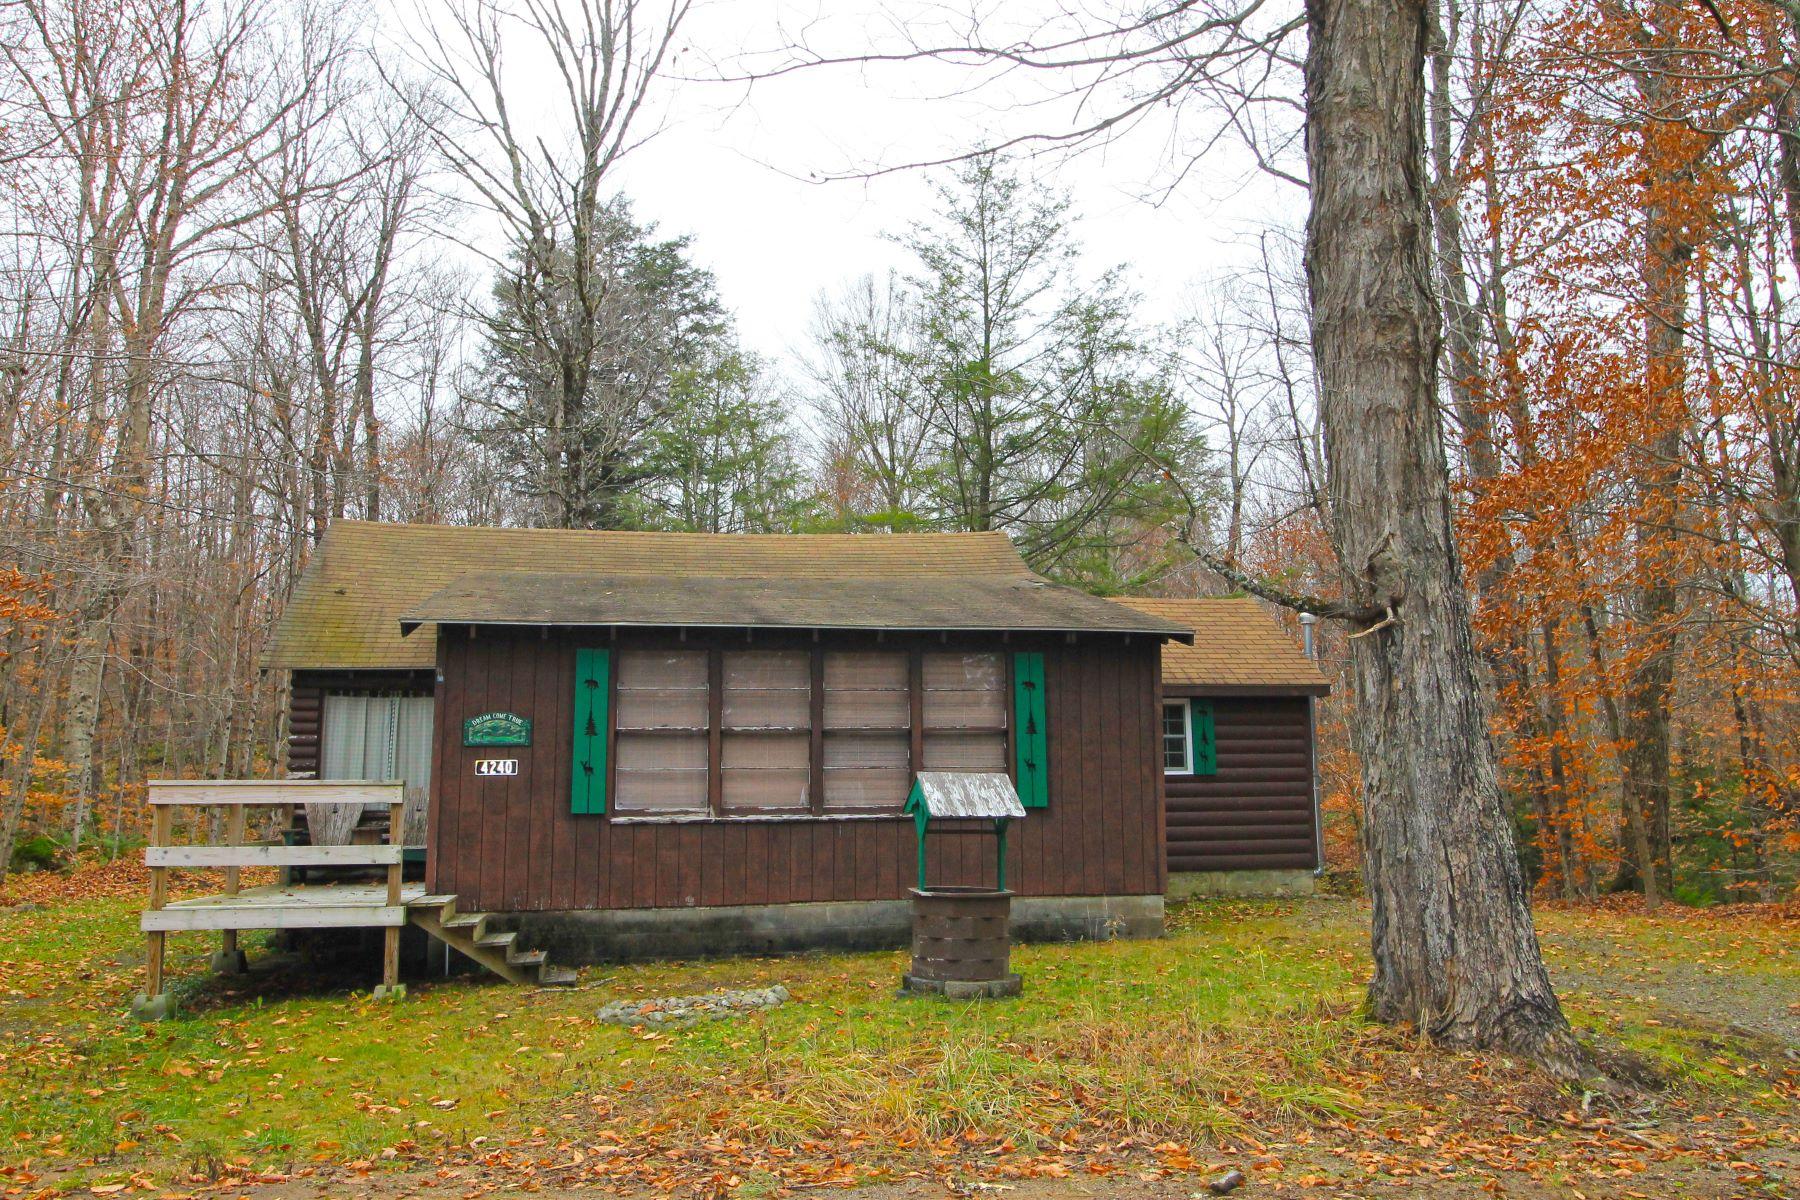 Single Family Homes für Verkauf beim Affordable Otter Lake Adirondack Cottage! 4240 Lakeview Road, Forestport, New York 13338 Vereinigte Staaten